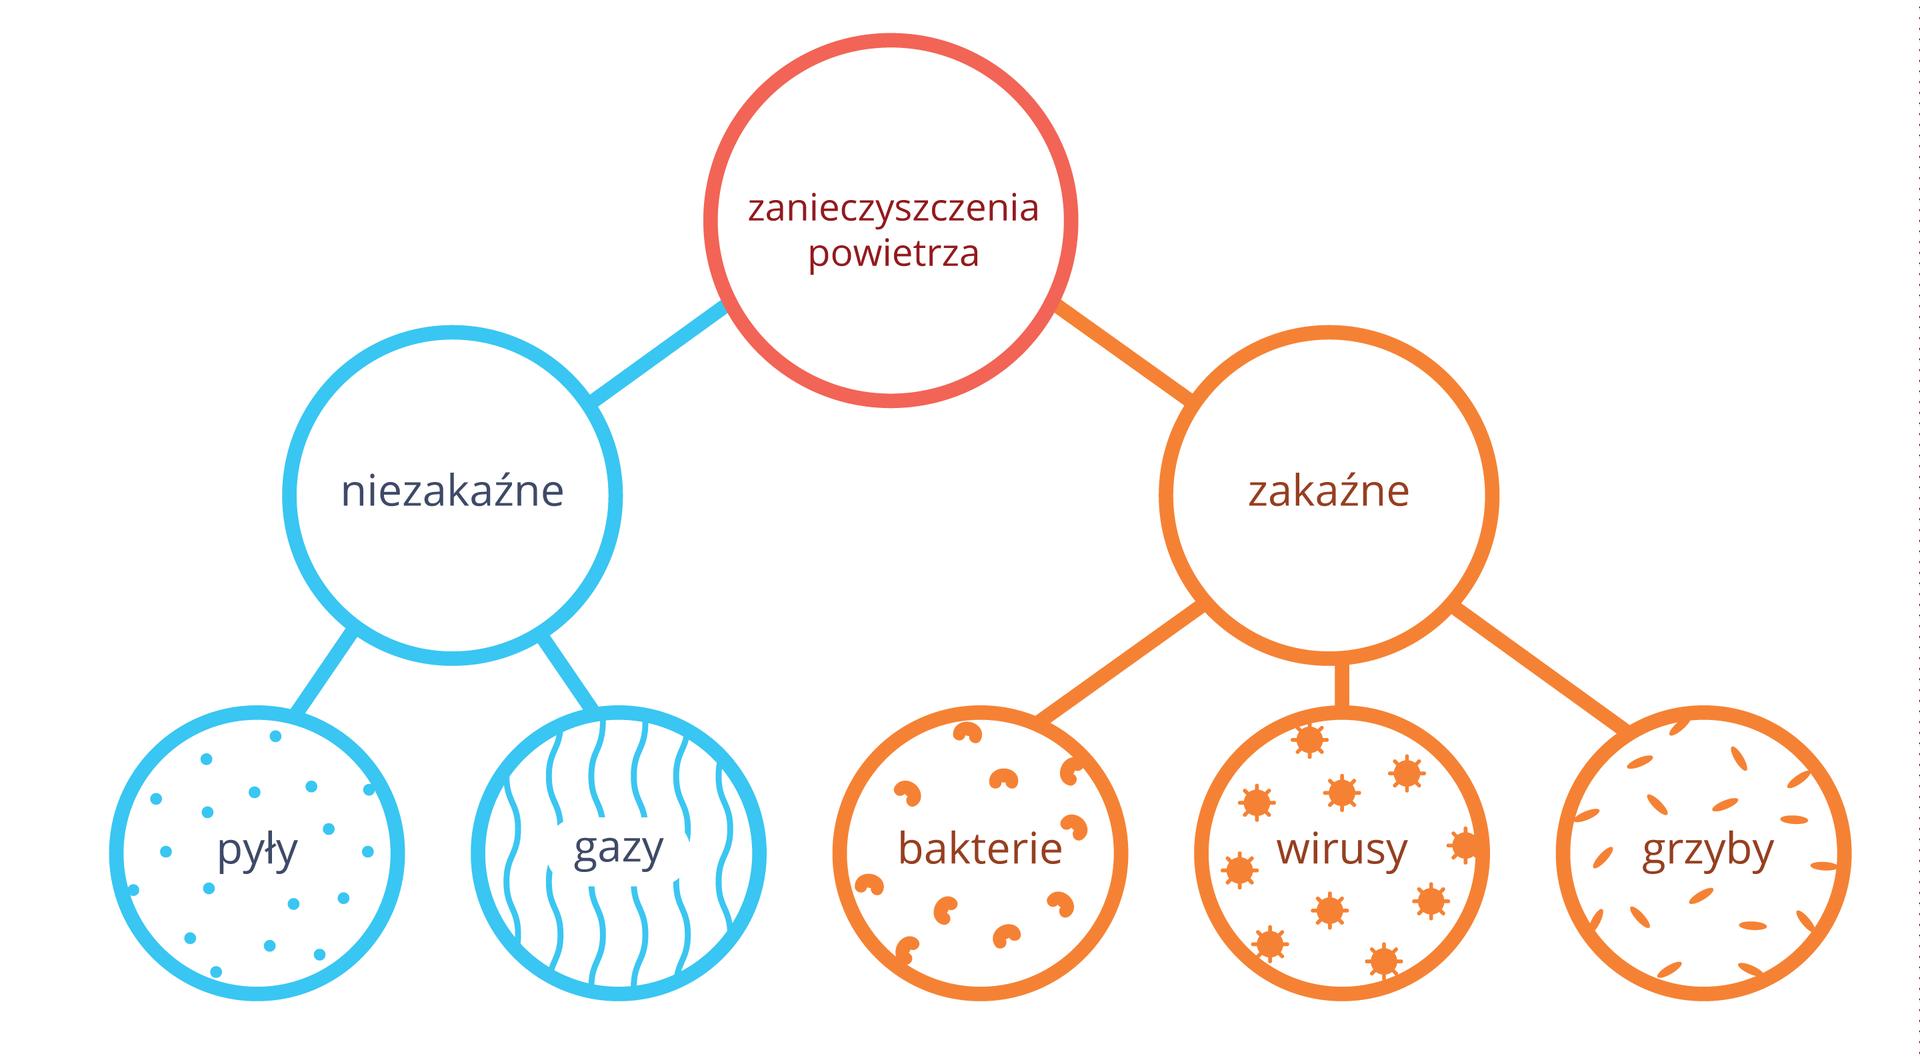 Schemat przedstawia klasyfikację zanieczyszczeń powietrza wformie kolorowych kół. Napis wczerwonym kole: zanieczyszczenia powietrza. Od niego wlewo błękitne koło znapisem: niezakaźne. Od niego dwa koła, zkropkami: gazy izliniami: pyły. Wprawo pomarańczowe koło znapisem: zakaźne. Od niego trzy koła, symbolizujące: zfasolkami bakterie, ze słoneczkami wirusy izpałeczkami grzyby.